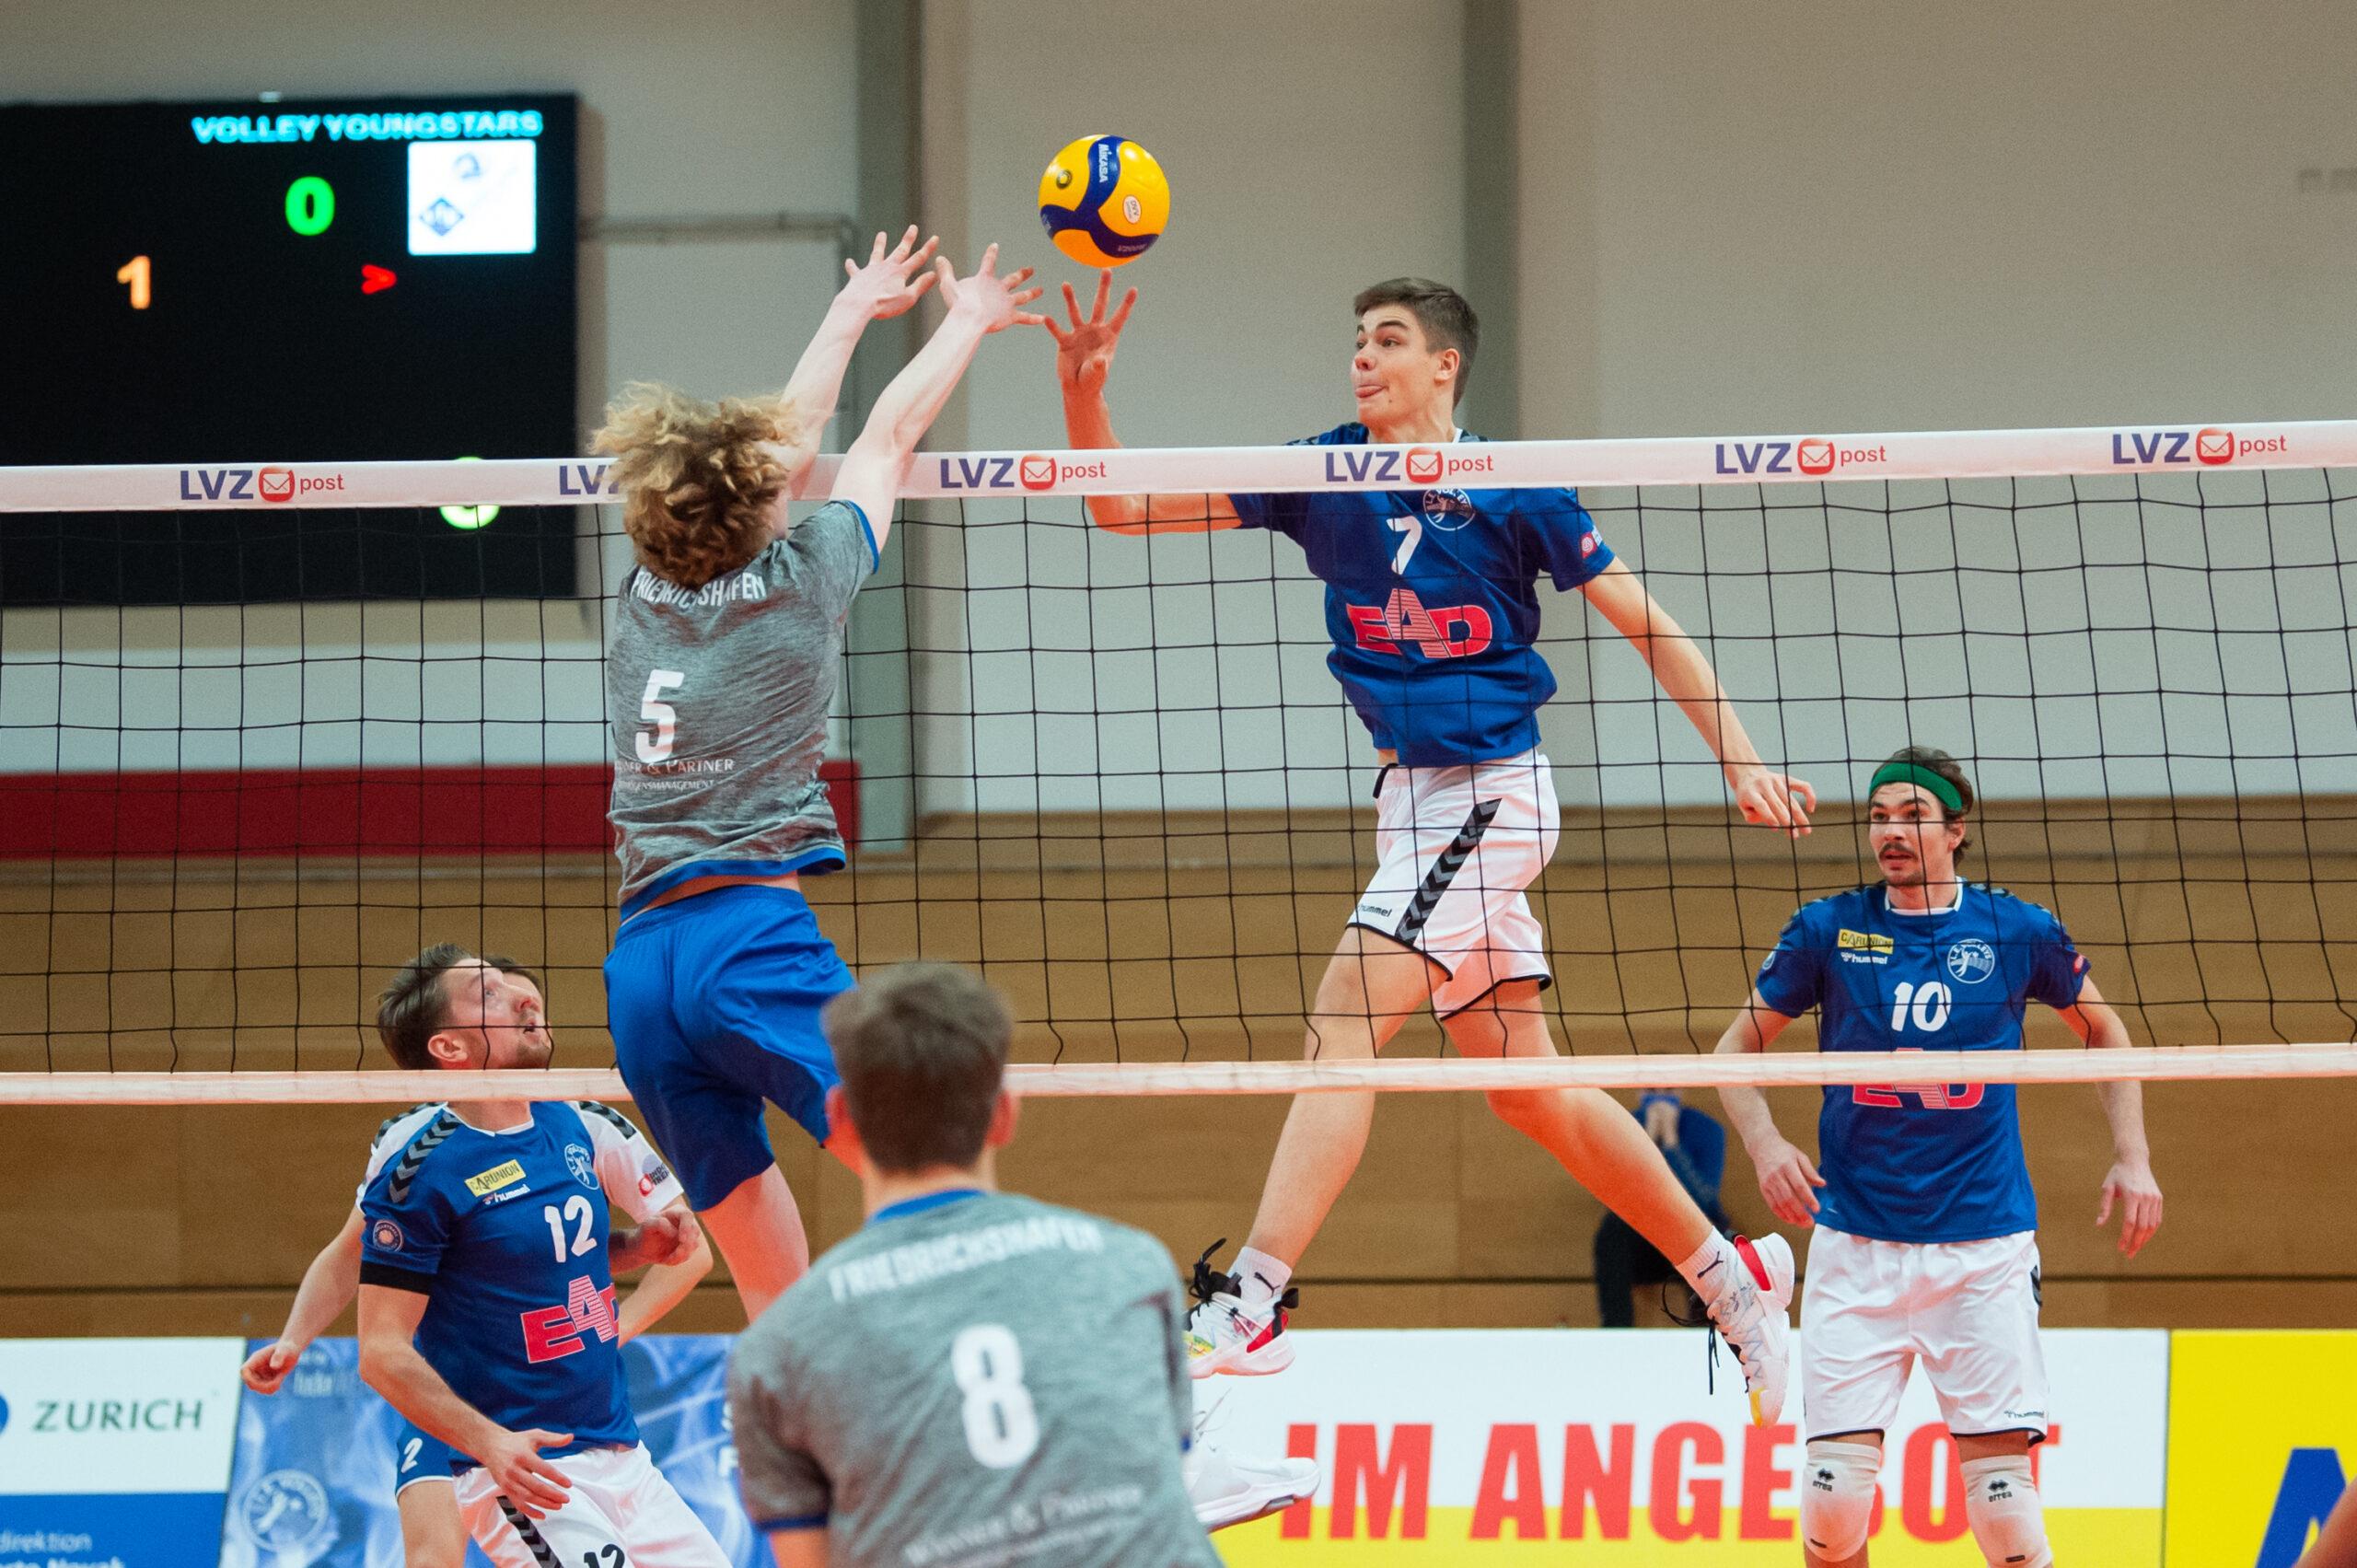 Jannik Koßmann (Volleys 7) im Angriff L.E. Volleys Leipzig vs Volley Youngstars Friedrichshafen, Volleyball, 2.Liga, 12.12.2020